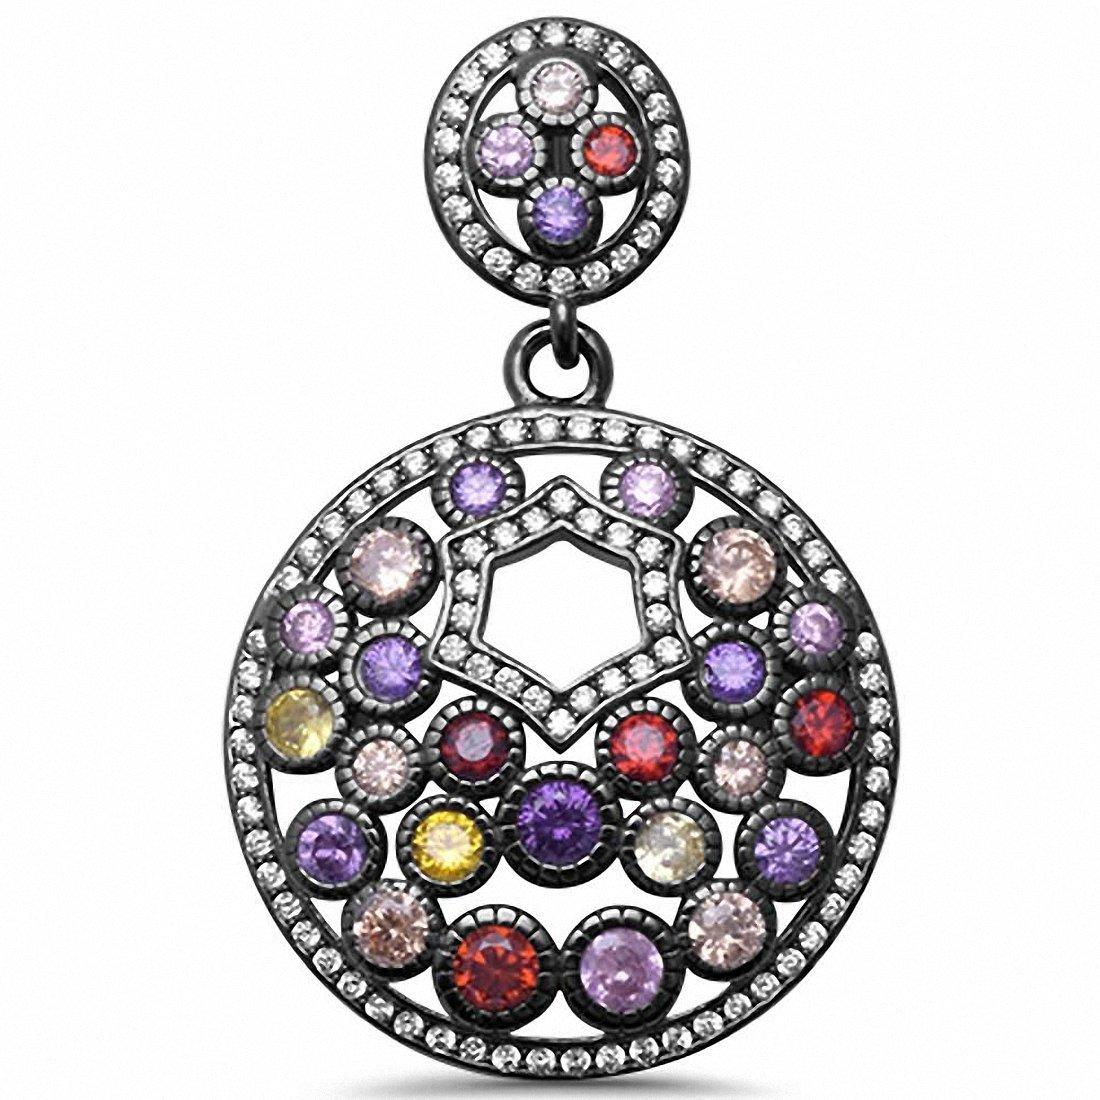 925 Sterling Silver Multicolored /& CZ Pendant Choose Color